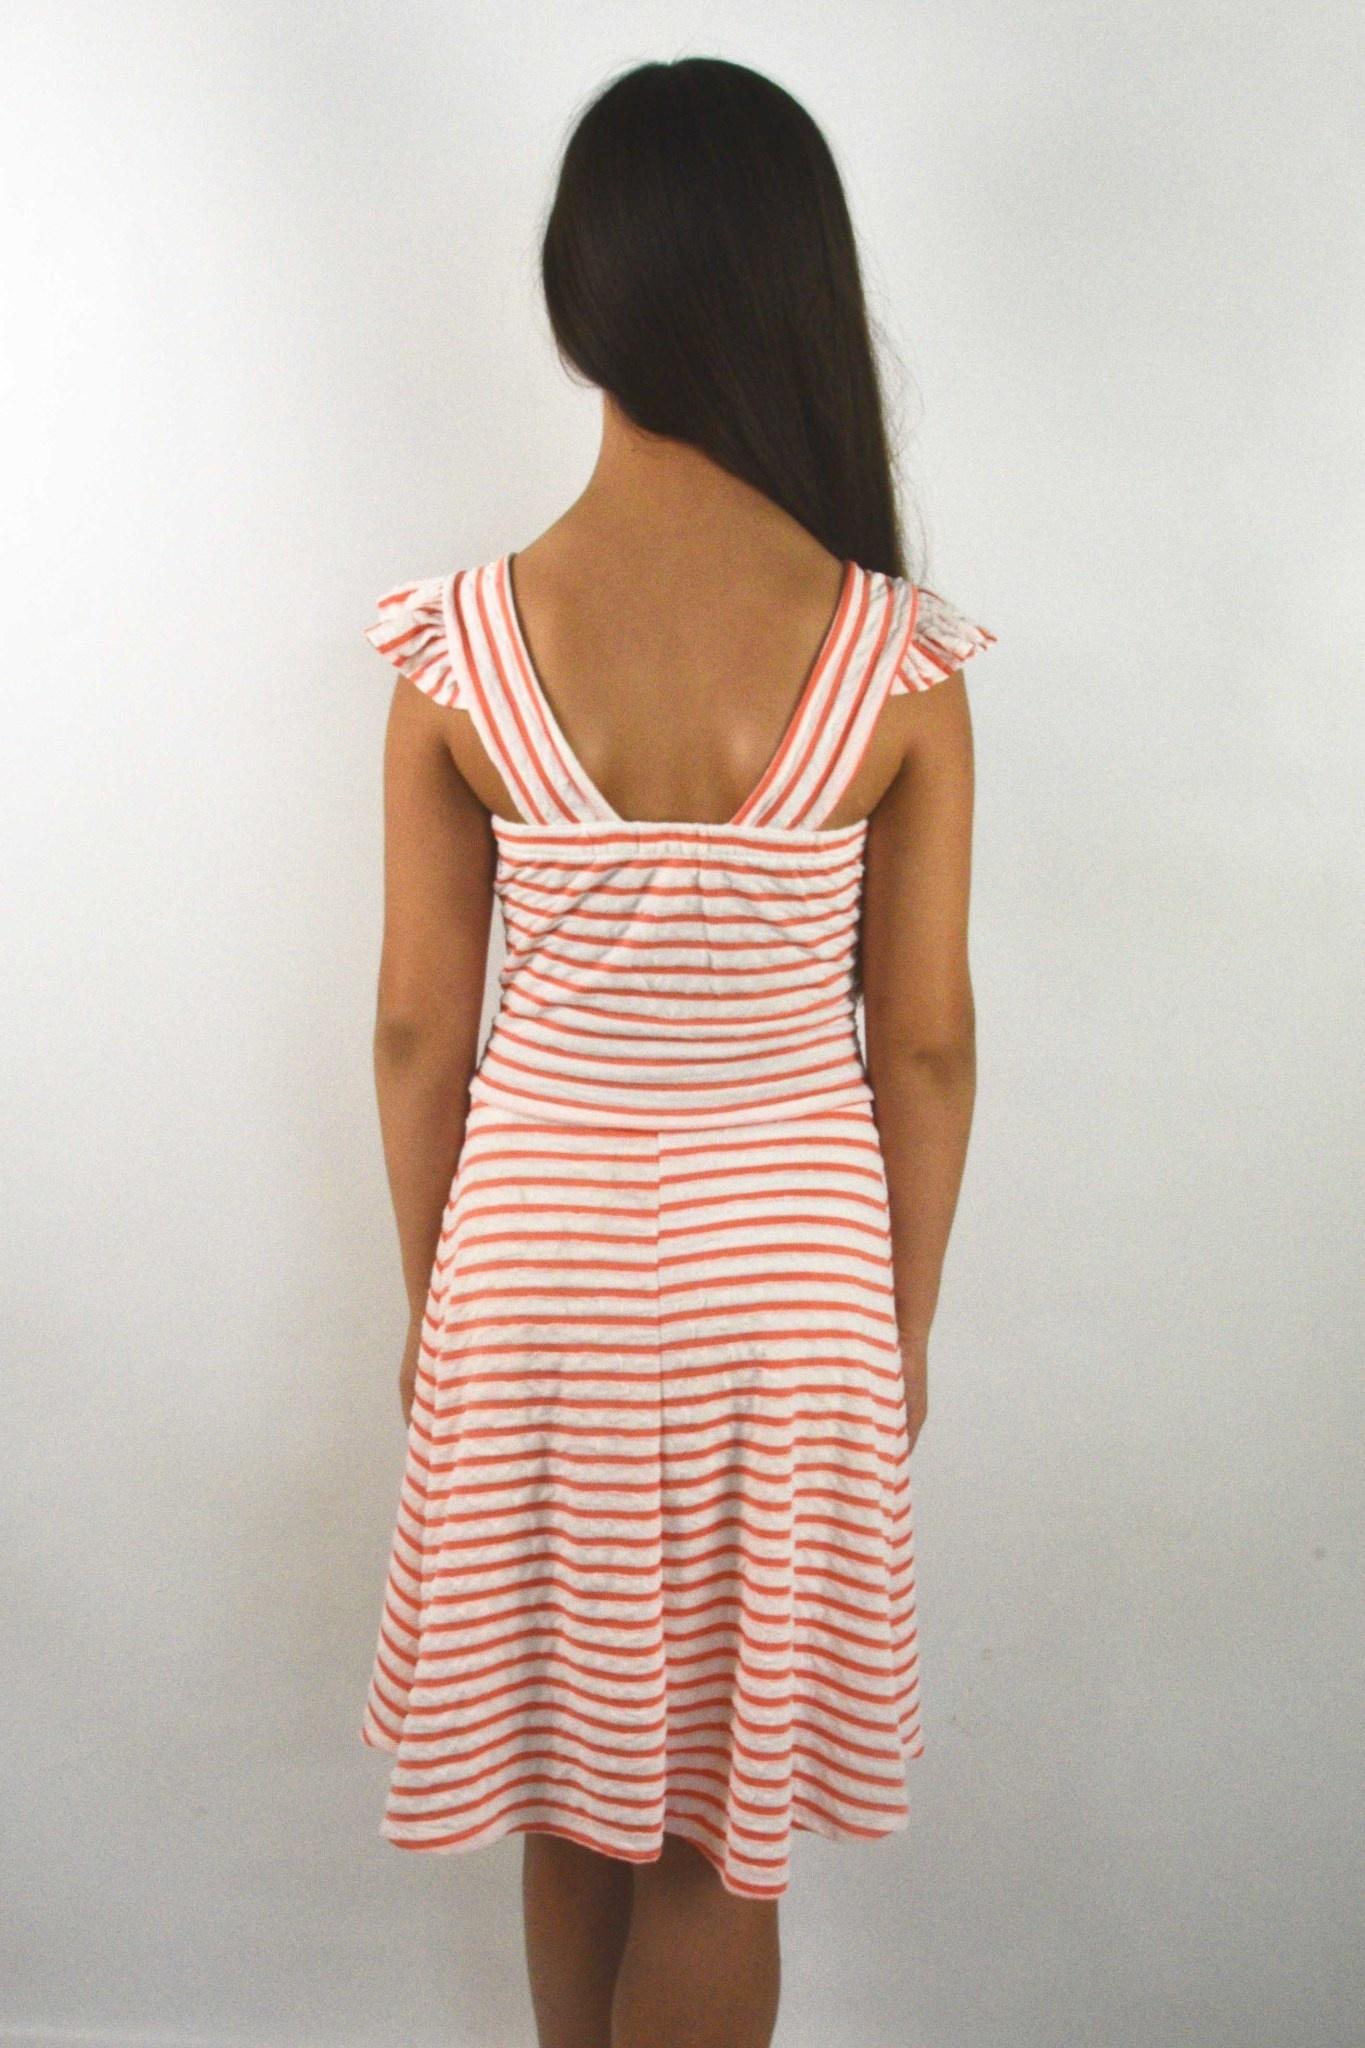 Area Code 407 Tween / Junior Dresses